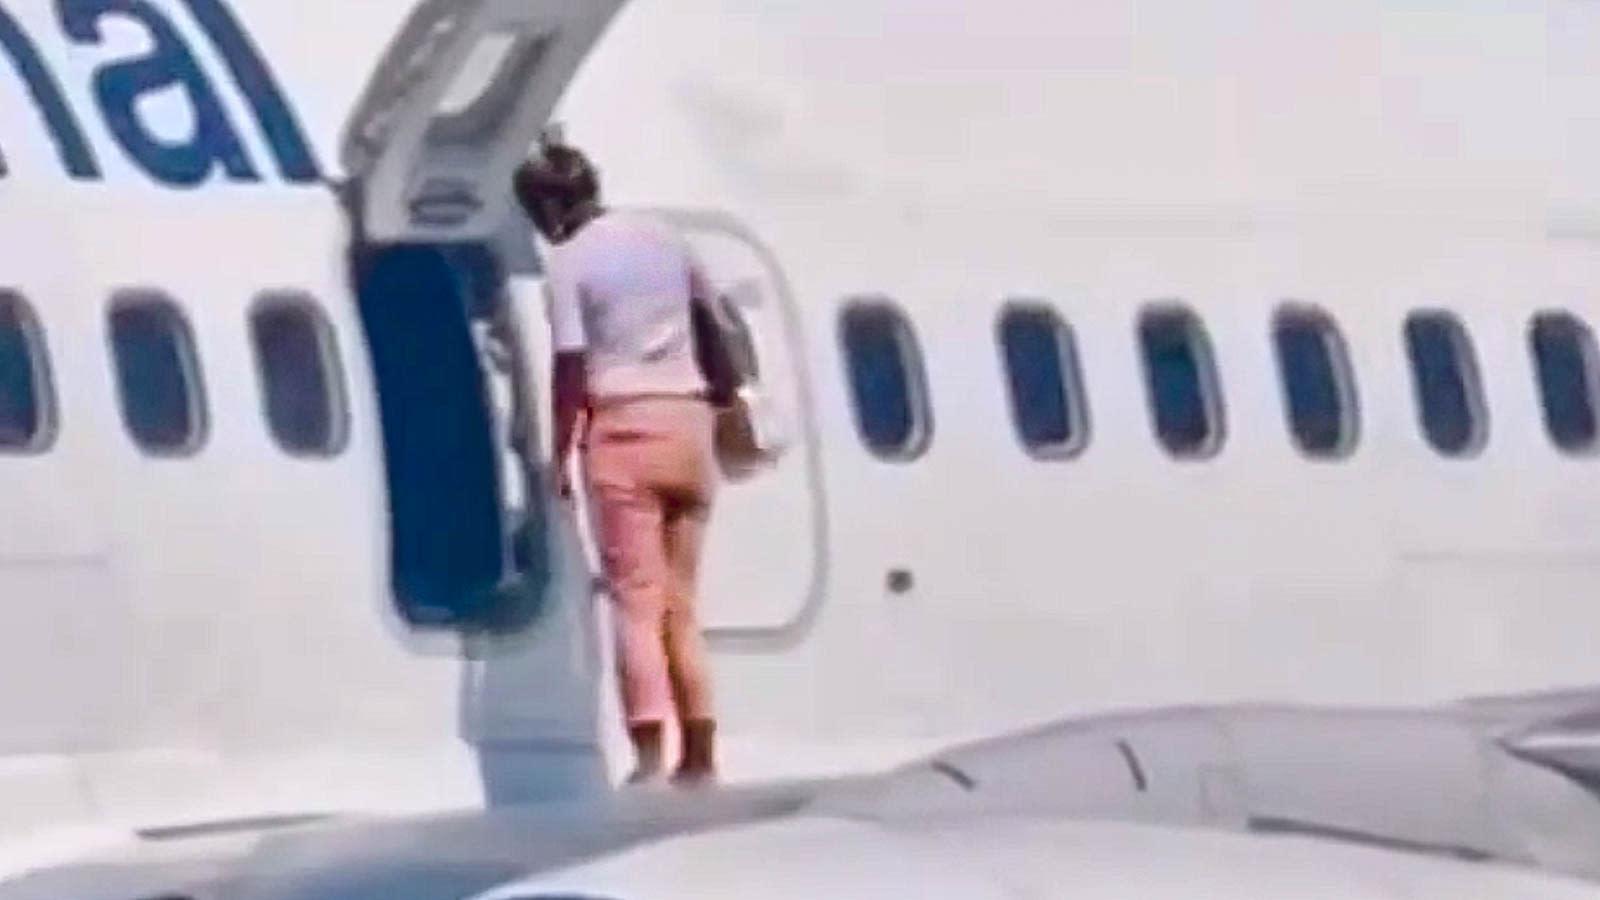 إخراج مسافر من الطائرة بعد إبلاغه بإصابته بفيروس كورونا عبر رسالة نصية